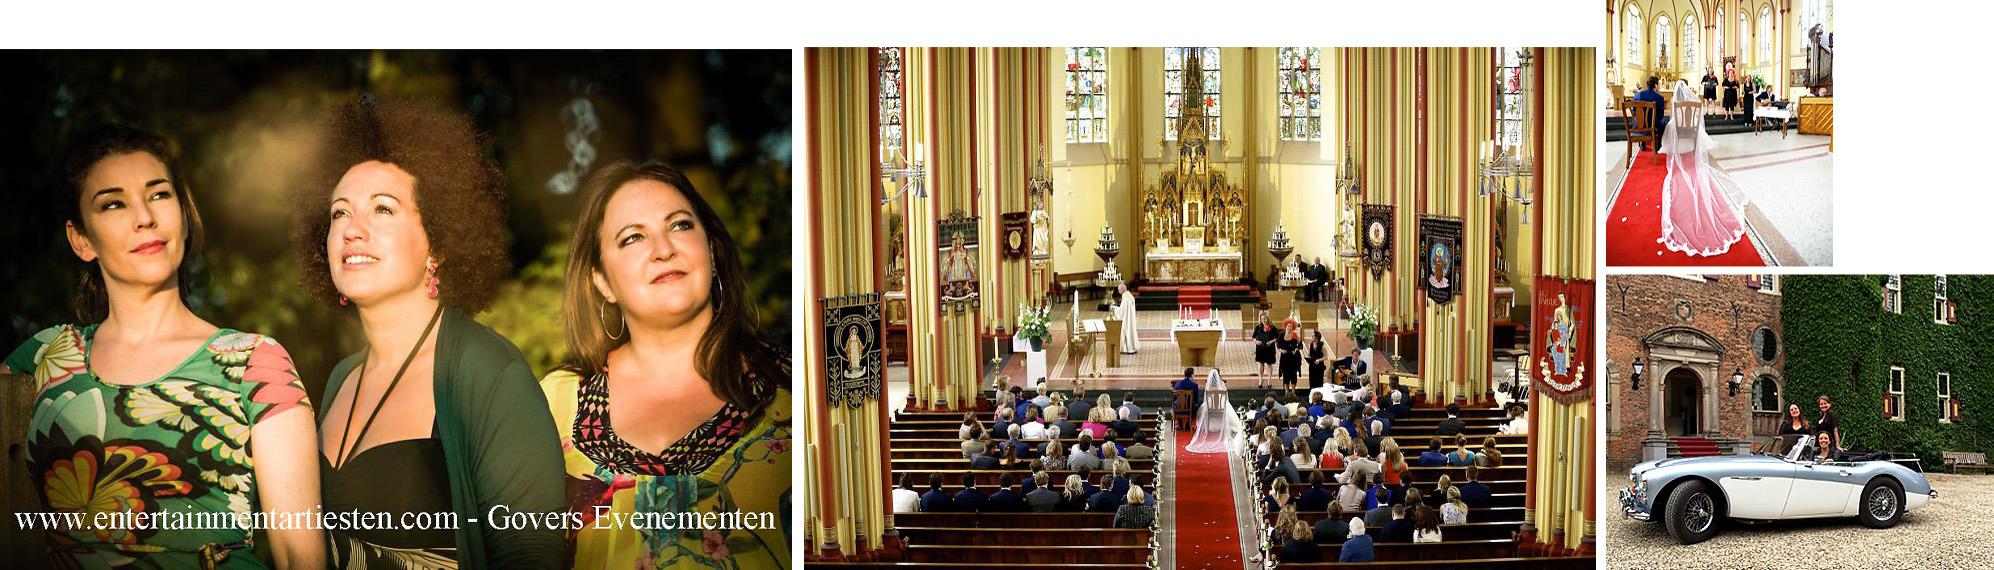 Wedding Delight, Wedding singers, Huwelijk muziek, muziektrio voor huwelijks ceremonie, trouwmuziek, trouwmuzikanten, kerstmuziek, kerkmuzikanten Govers Evenementen, www.goversartiesten.nl